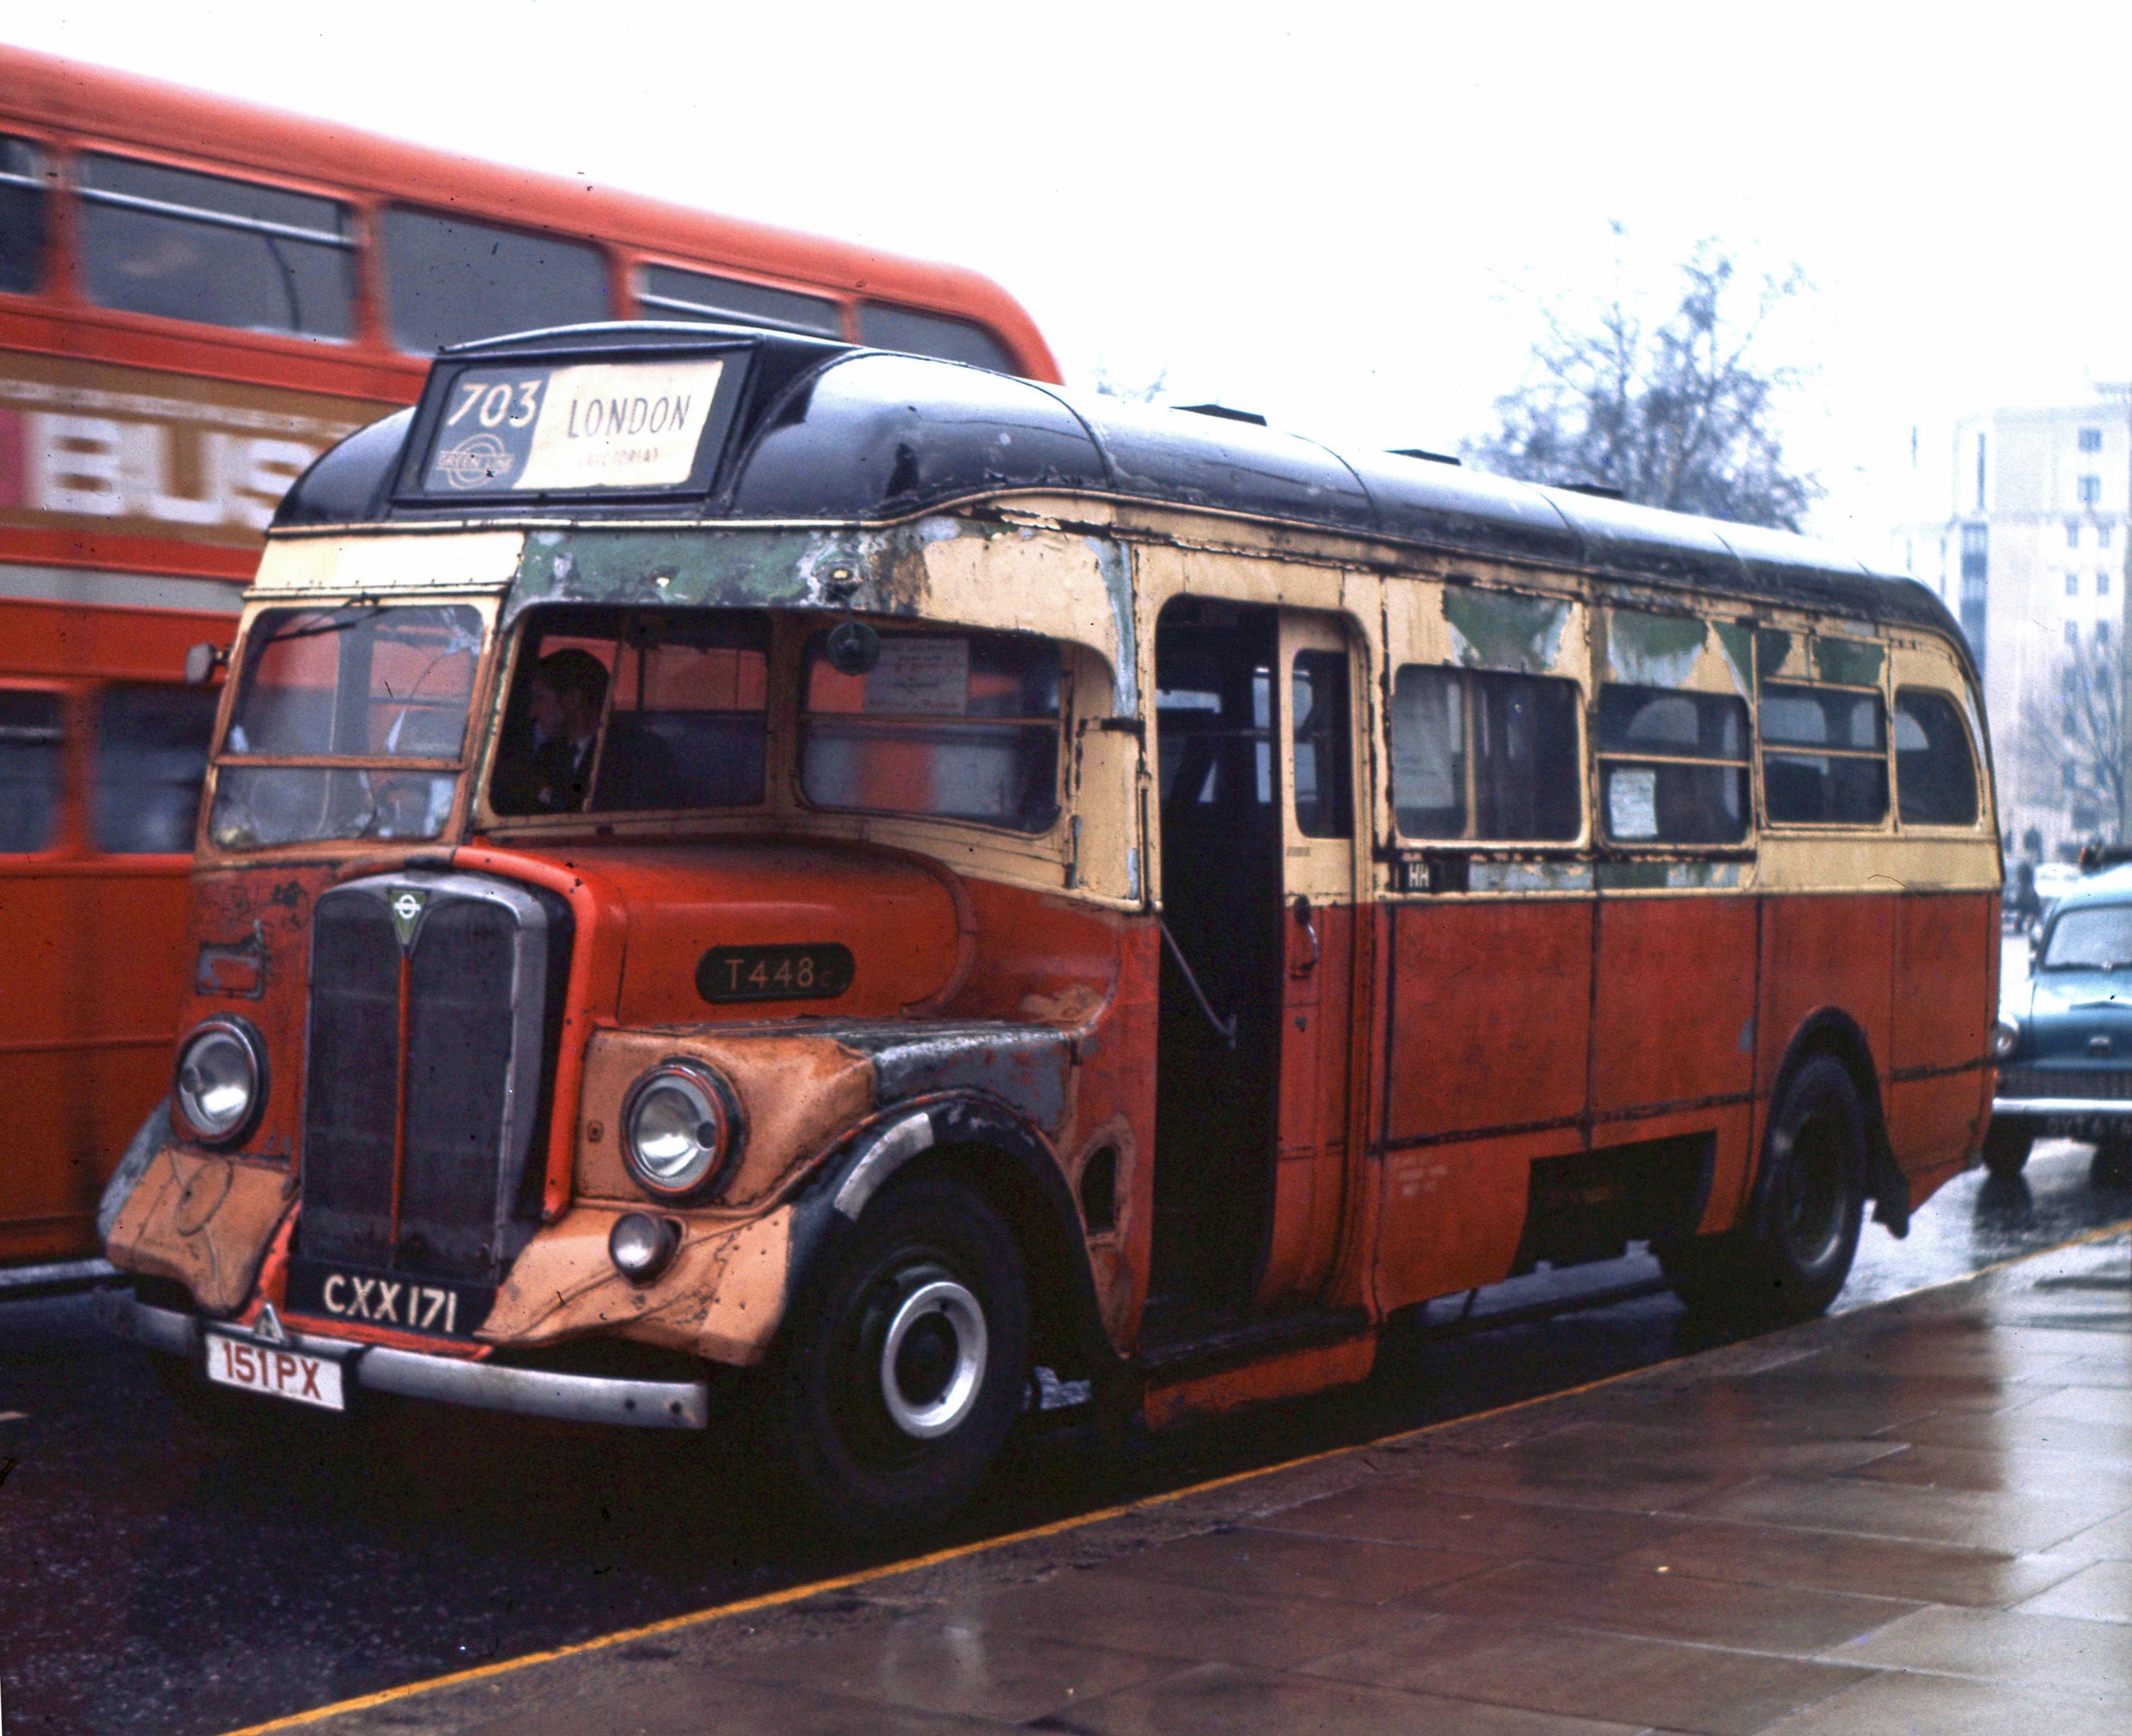 1936 AEC Regal I coach - T448 - London Bus Museum